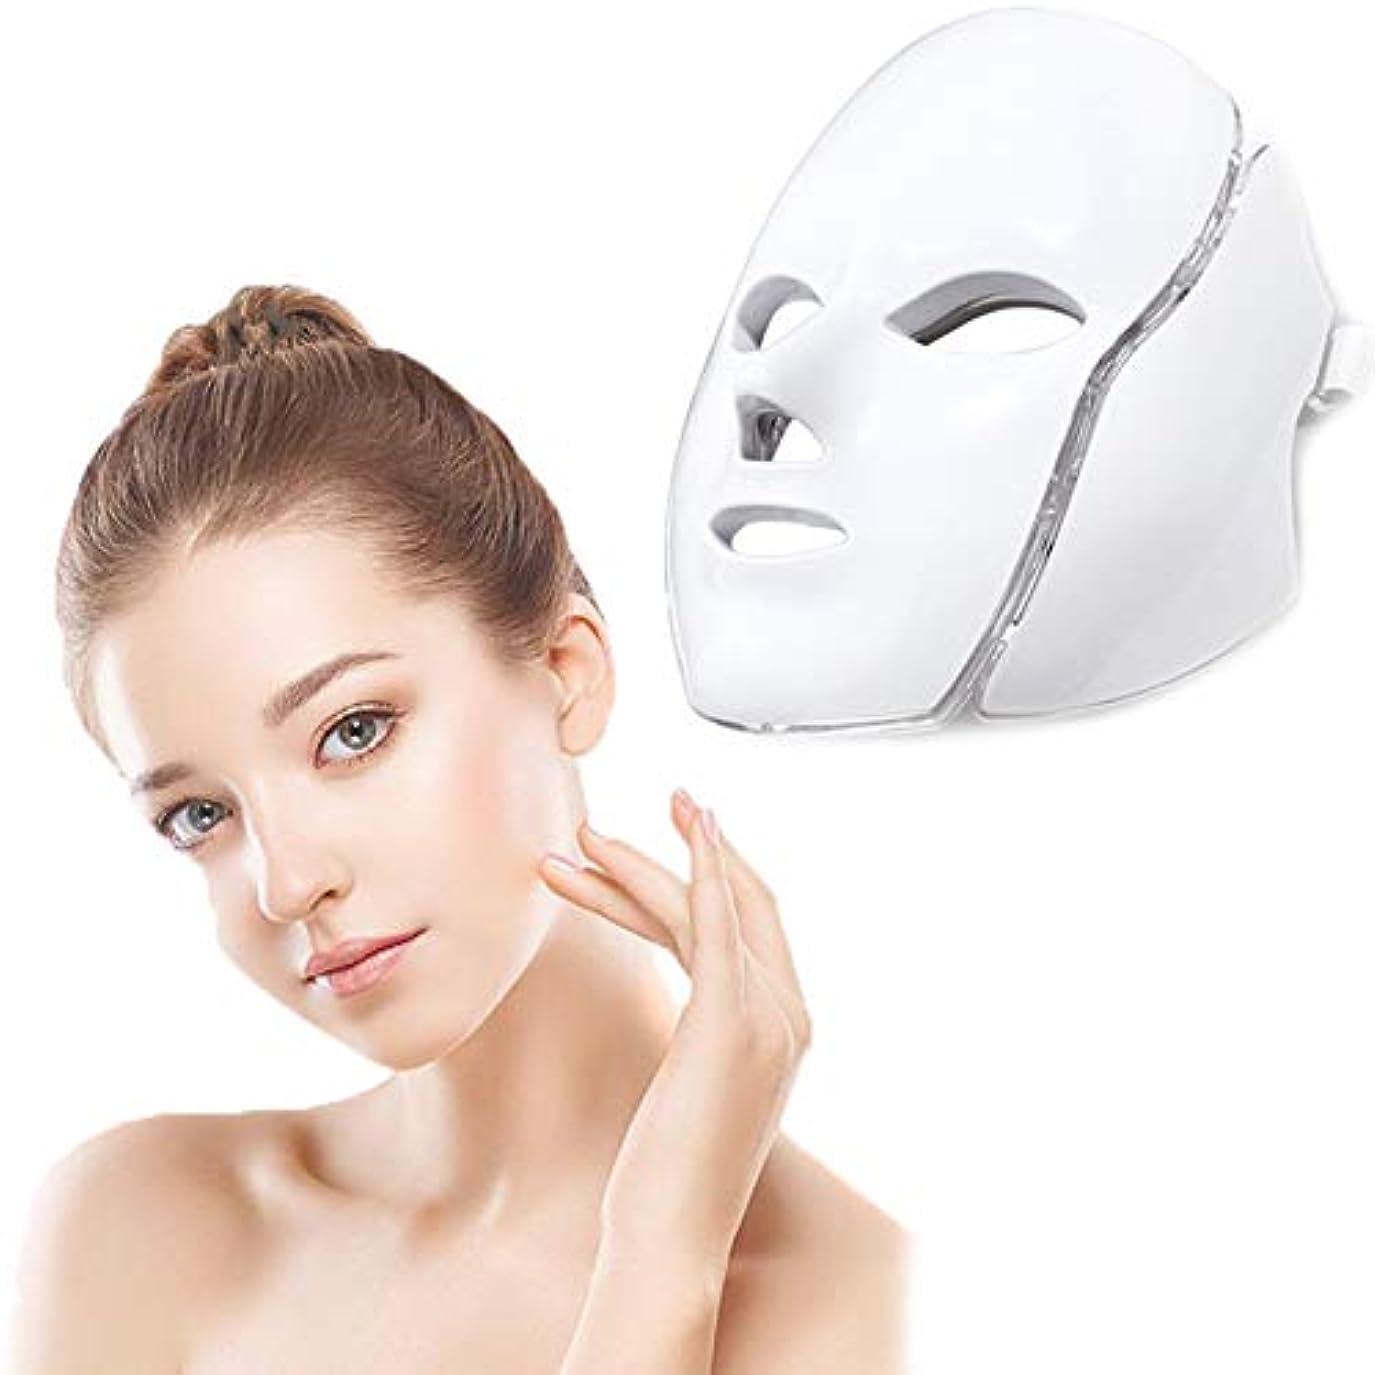 くしゃくしゃロマンス劇場7色LEDフェイスマスクフェイシャルマスクPDTフォトンフェイシャルマスク美容機美容器具ネックマスクセット付き